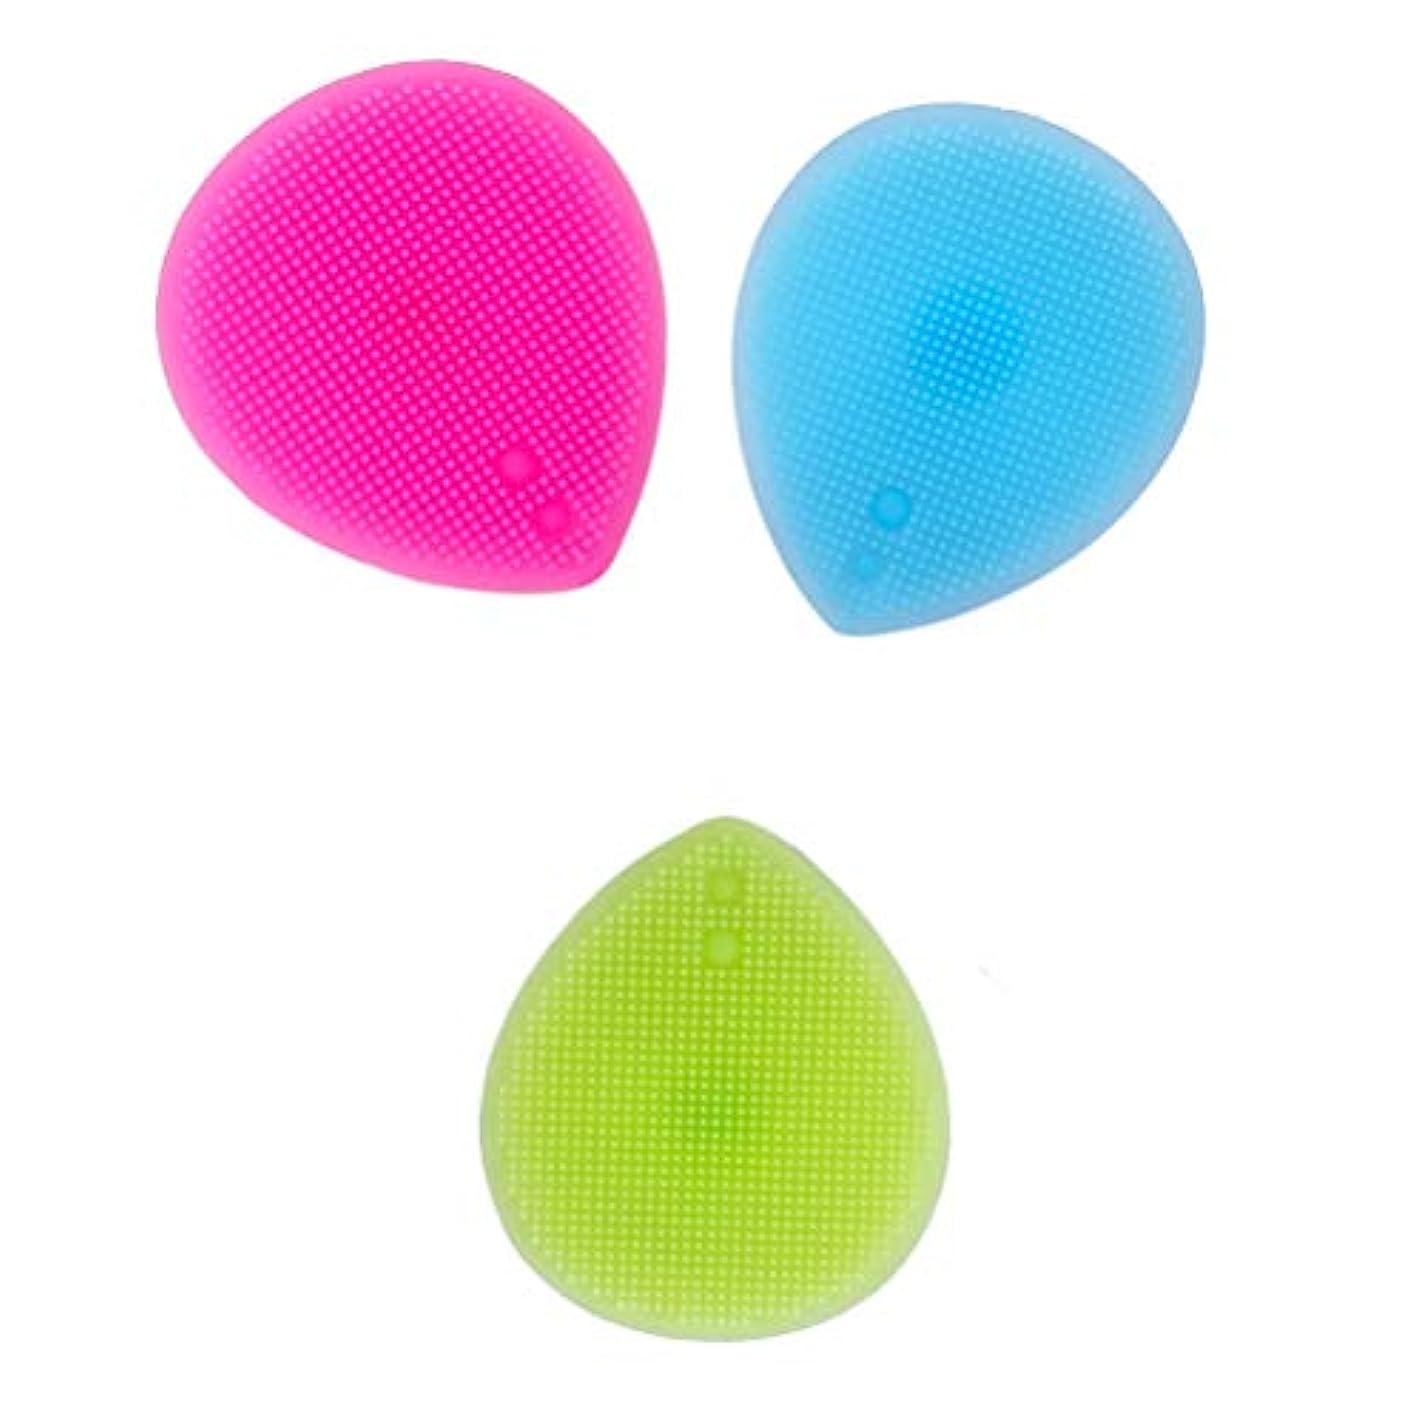 後方に液化する発見するLurrose 3PCSシリコーンフェイシャルクレンジングブラシ手動フェイシャルマッサージブラシ女性用(ブルー+バラ色+グリーン)